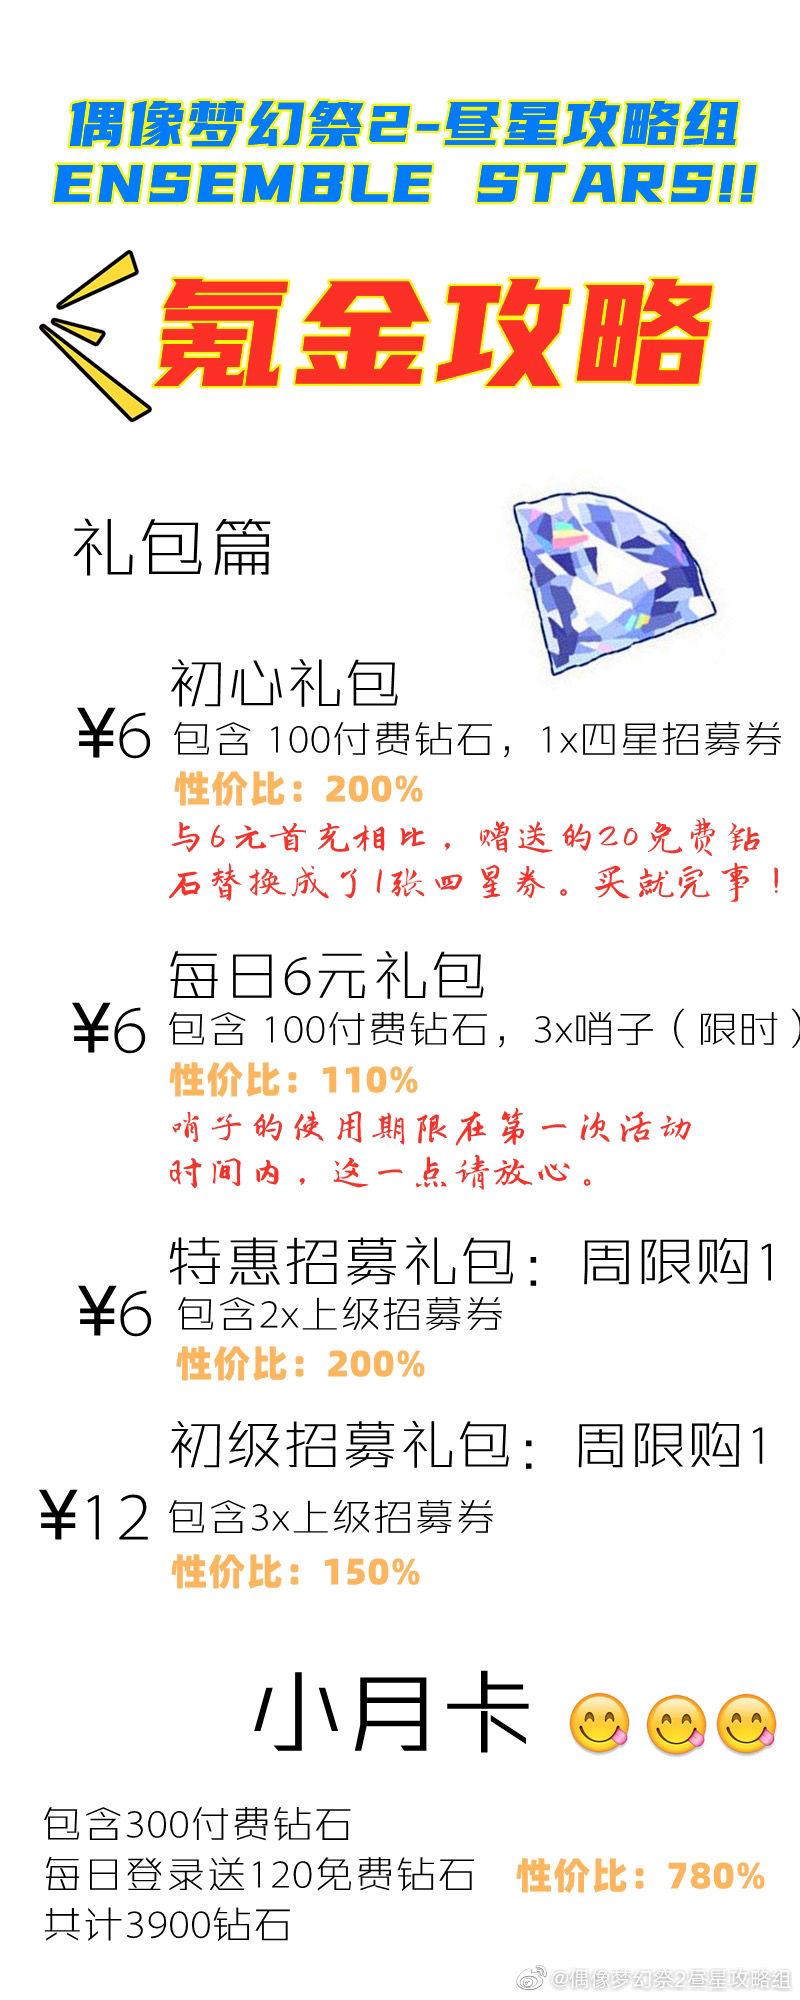 偶像梦幻祭2怎么氪金最合算 平民氪金指南